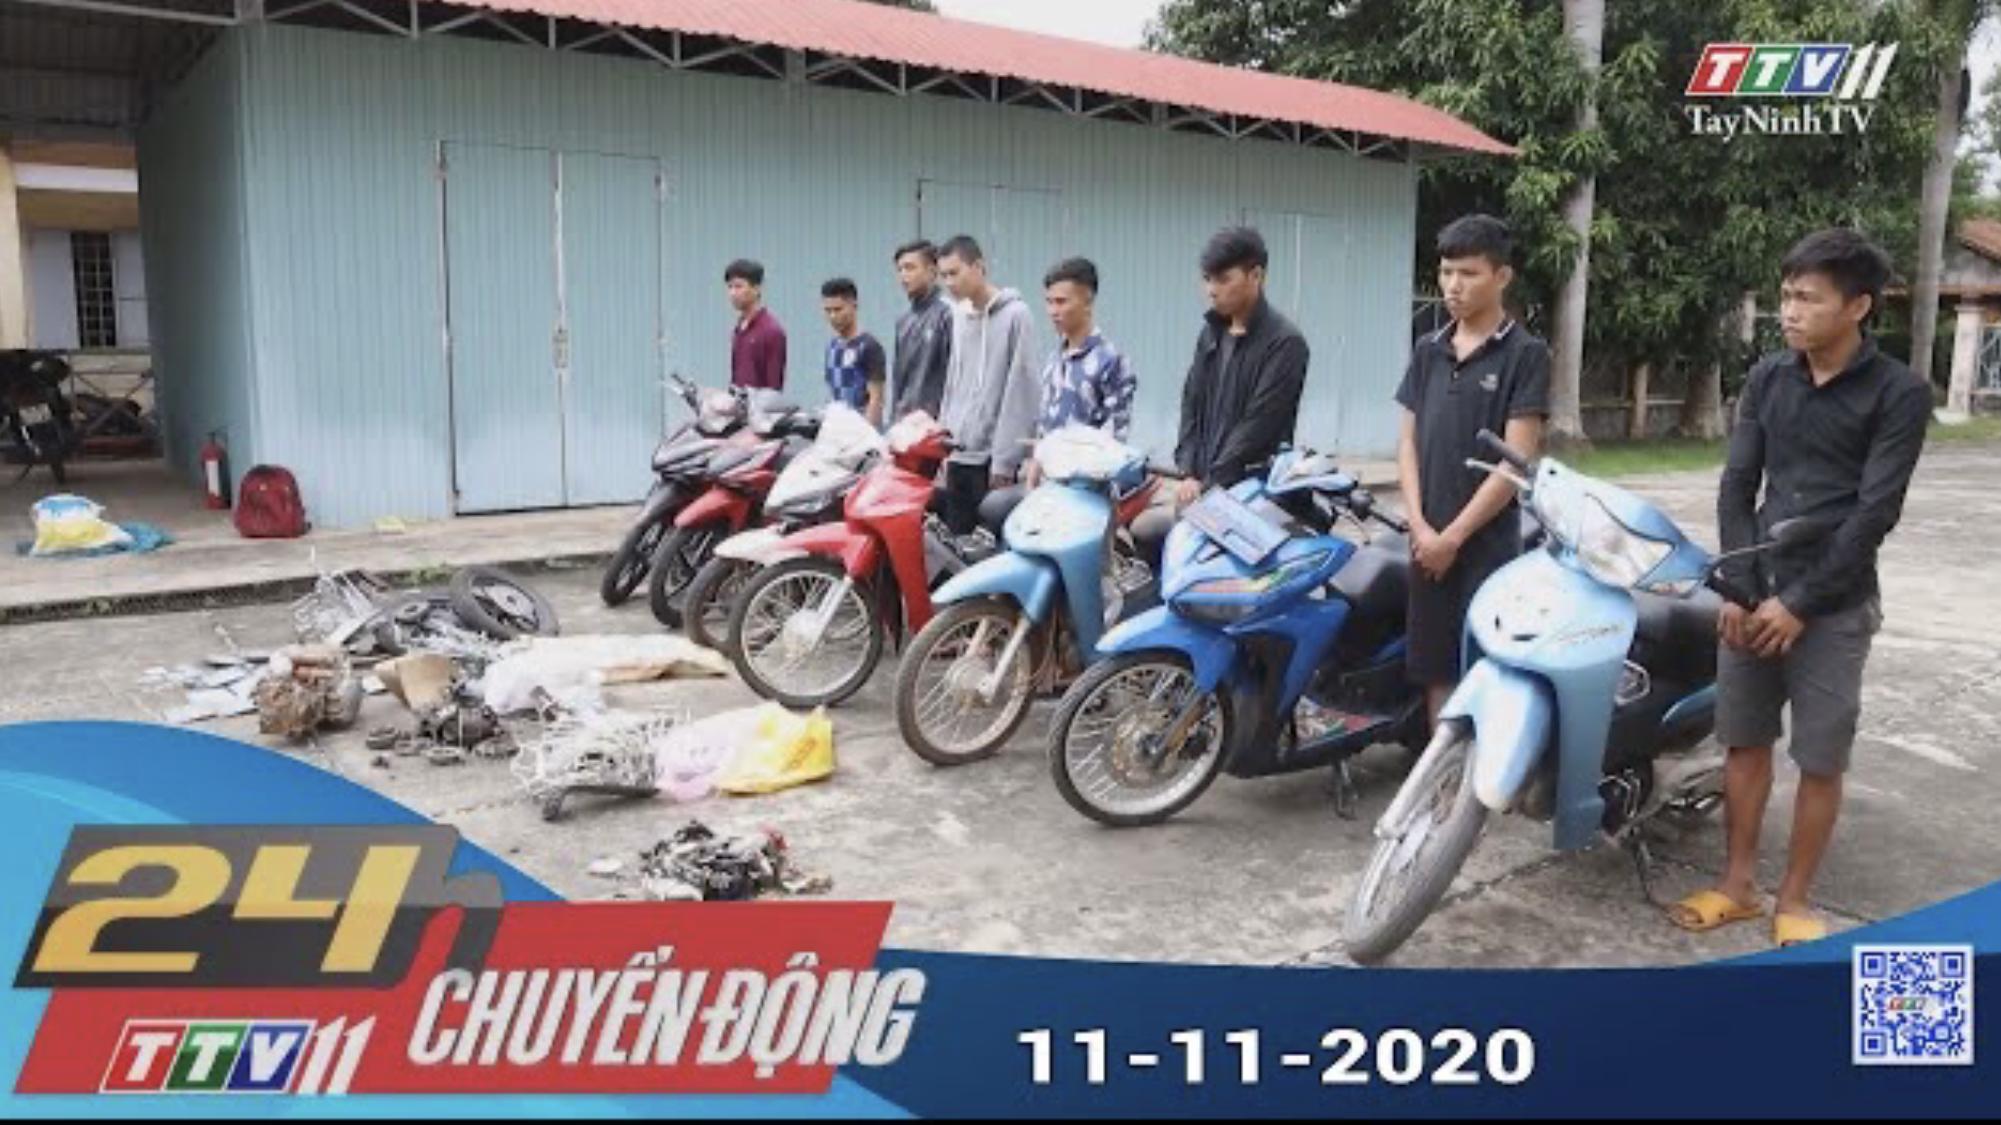 24h Chuyển động 11-11-2020 | Tin tức hôm nay | TayNinhTV